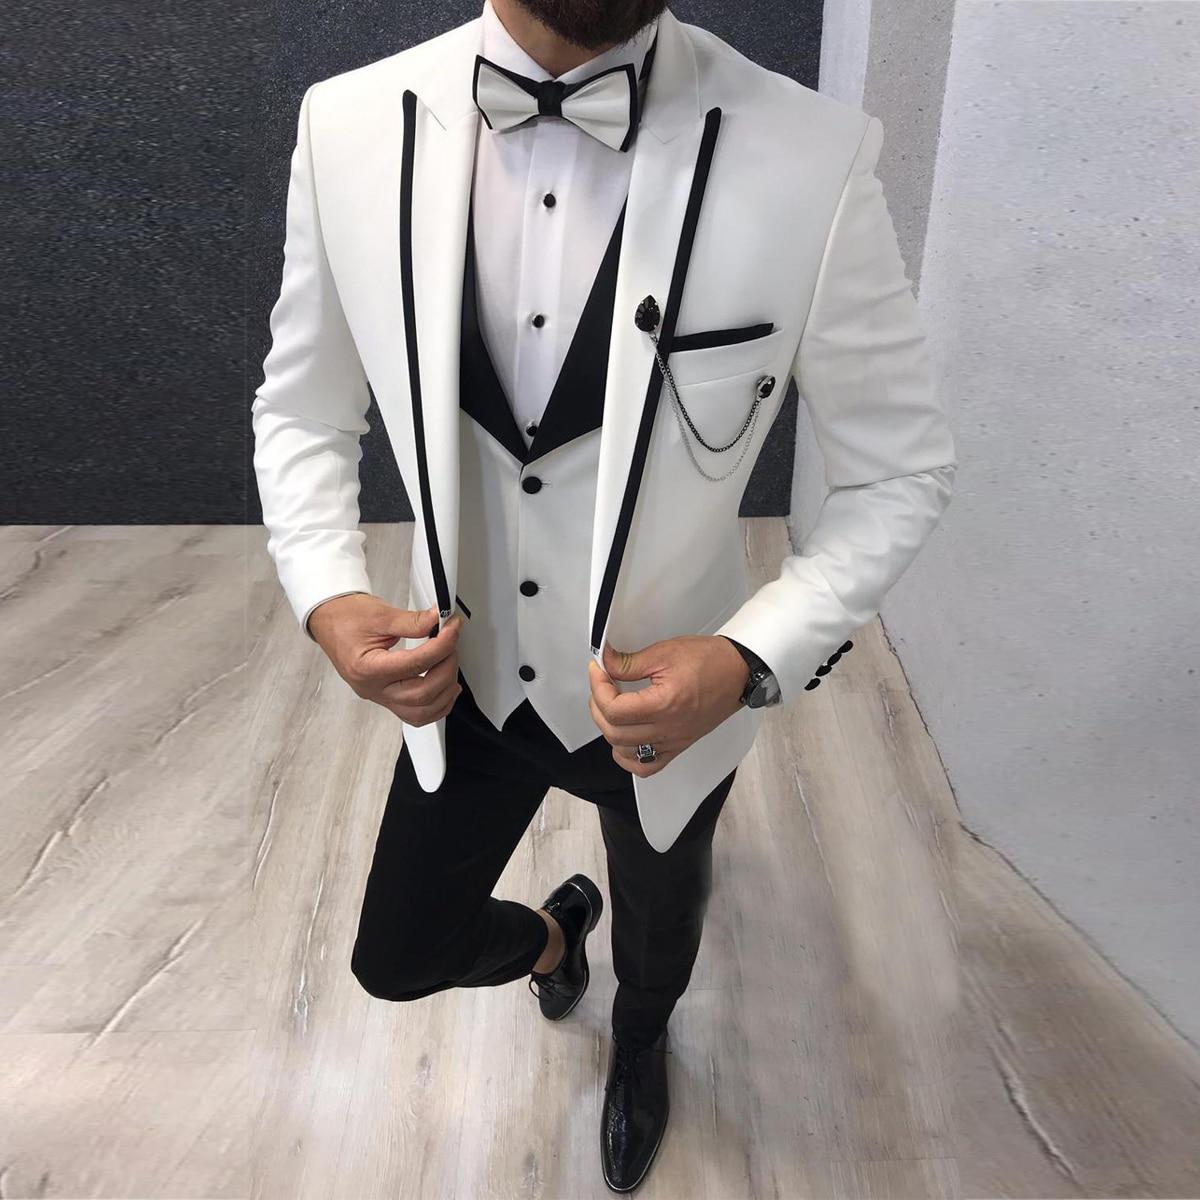 بدلة رجالية من 3 قطع بمقاس ضيق غير رسمي لرجال الأعمال لون رمادي أخضر عاجي بدلة رسمية لحفلات الزفاف الرسمية (سترة + بنطلون + سترة)